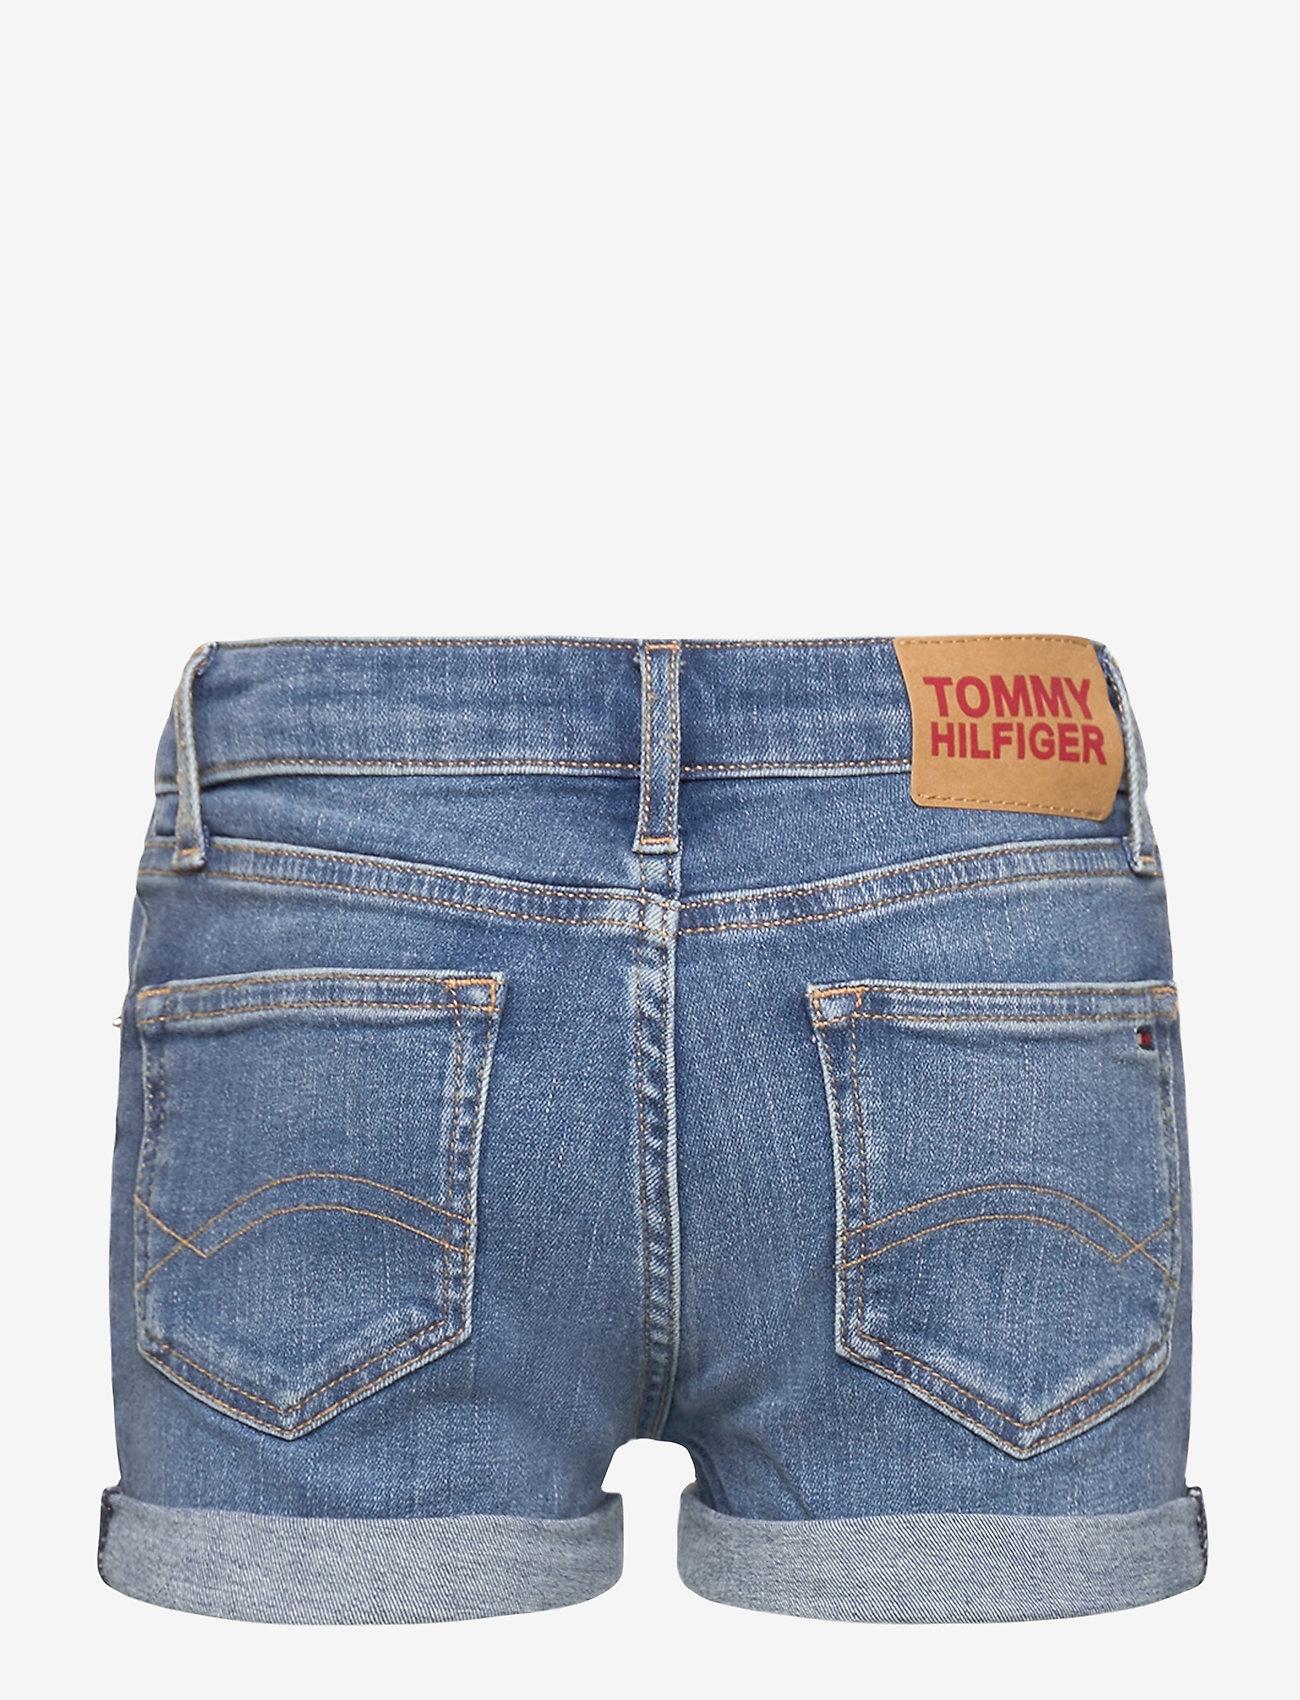 Tommy Hilfiger - NORA BASIC SHORT - shorts - summermedbluestretch - 1